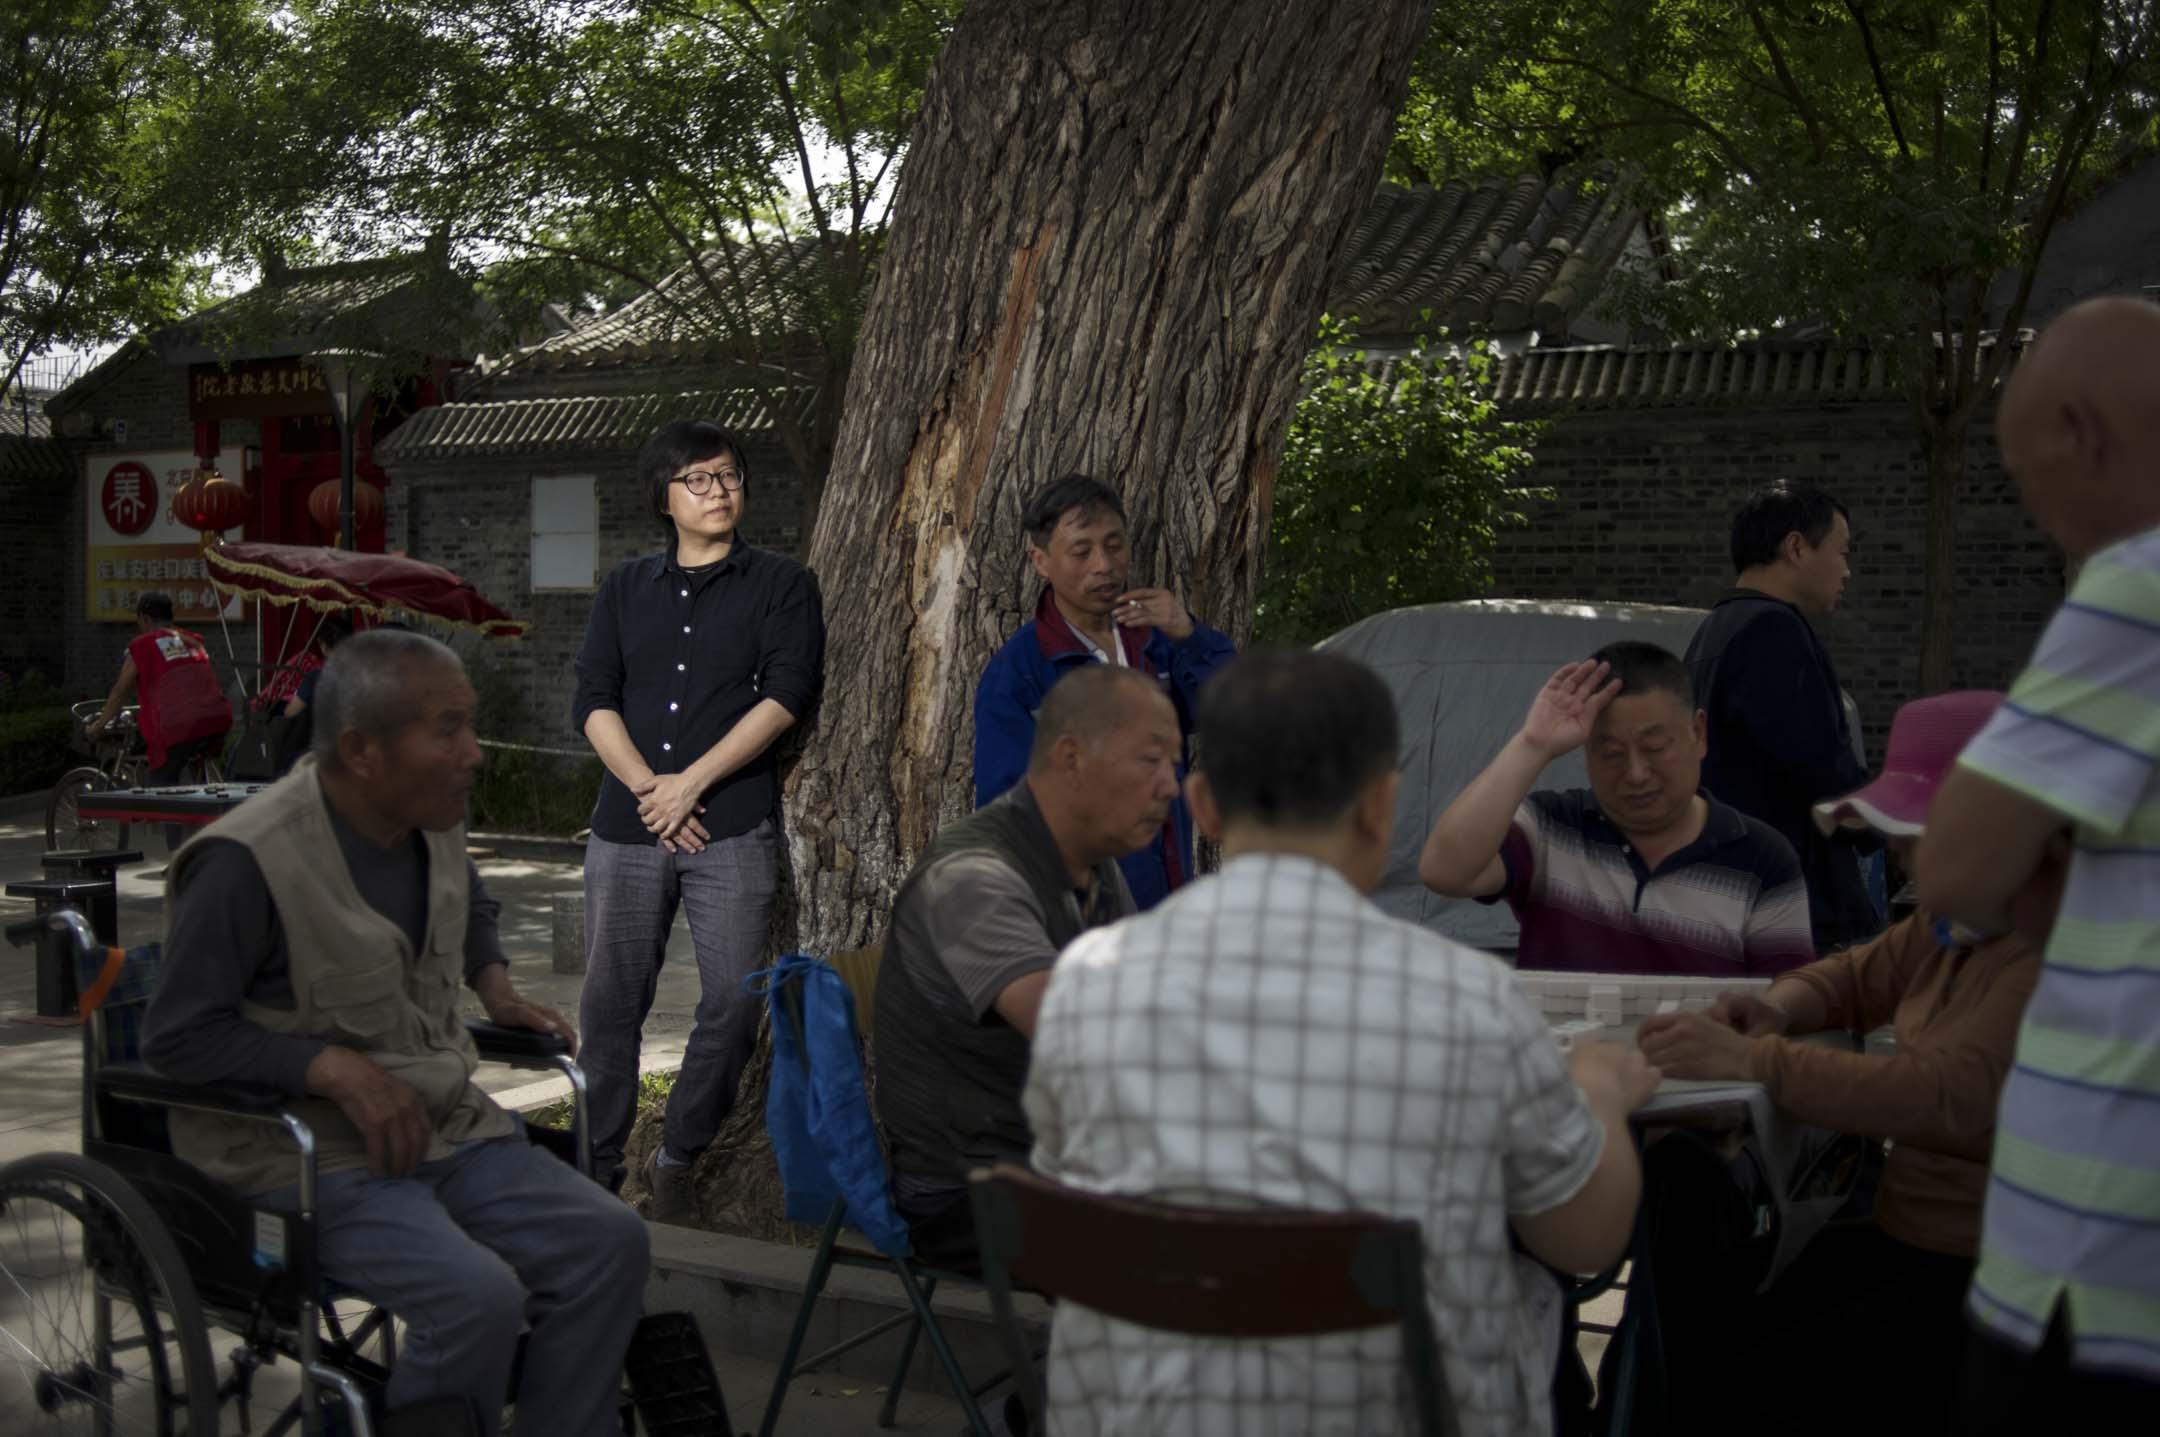 朱起鵬站在胡同當中,看着穿睡衣和拖鞋的中年女人牽着柯基犬走出家門,在路邊閒坐,上了年紀的大爺大媽聚在樹蔭下,搬出自家的桌椅板凳,打麻將、喝茶。「他們沒有把胡同當做公共領域,而是當成起居空間。」 攝:Gabriel/端傳媒